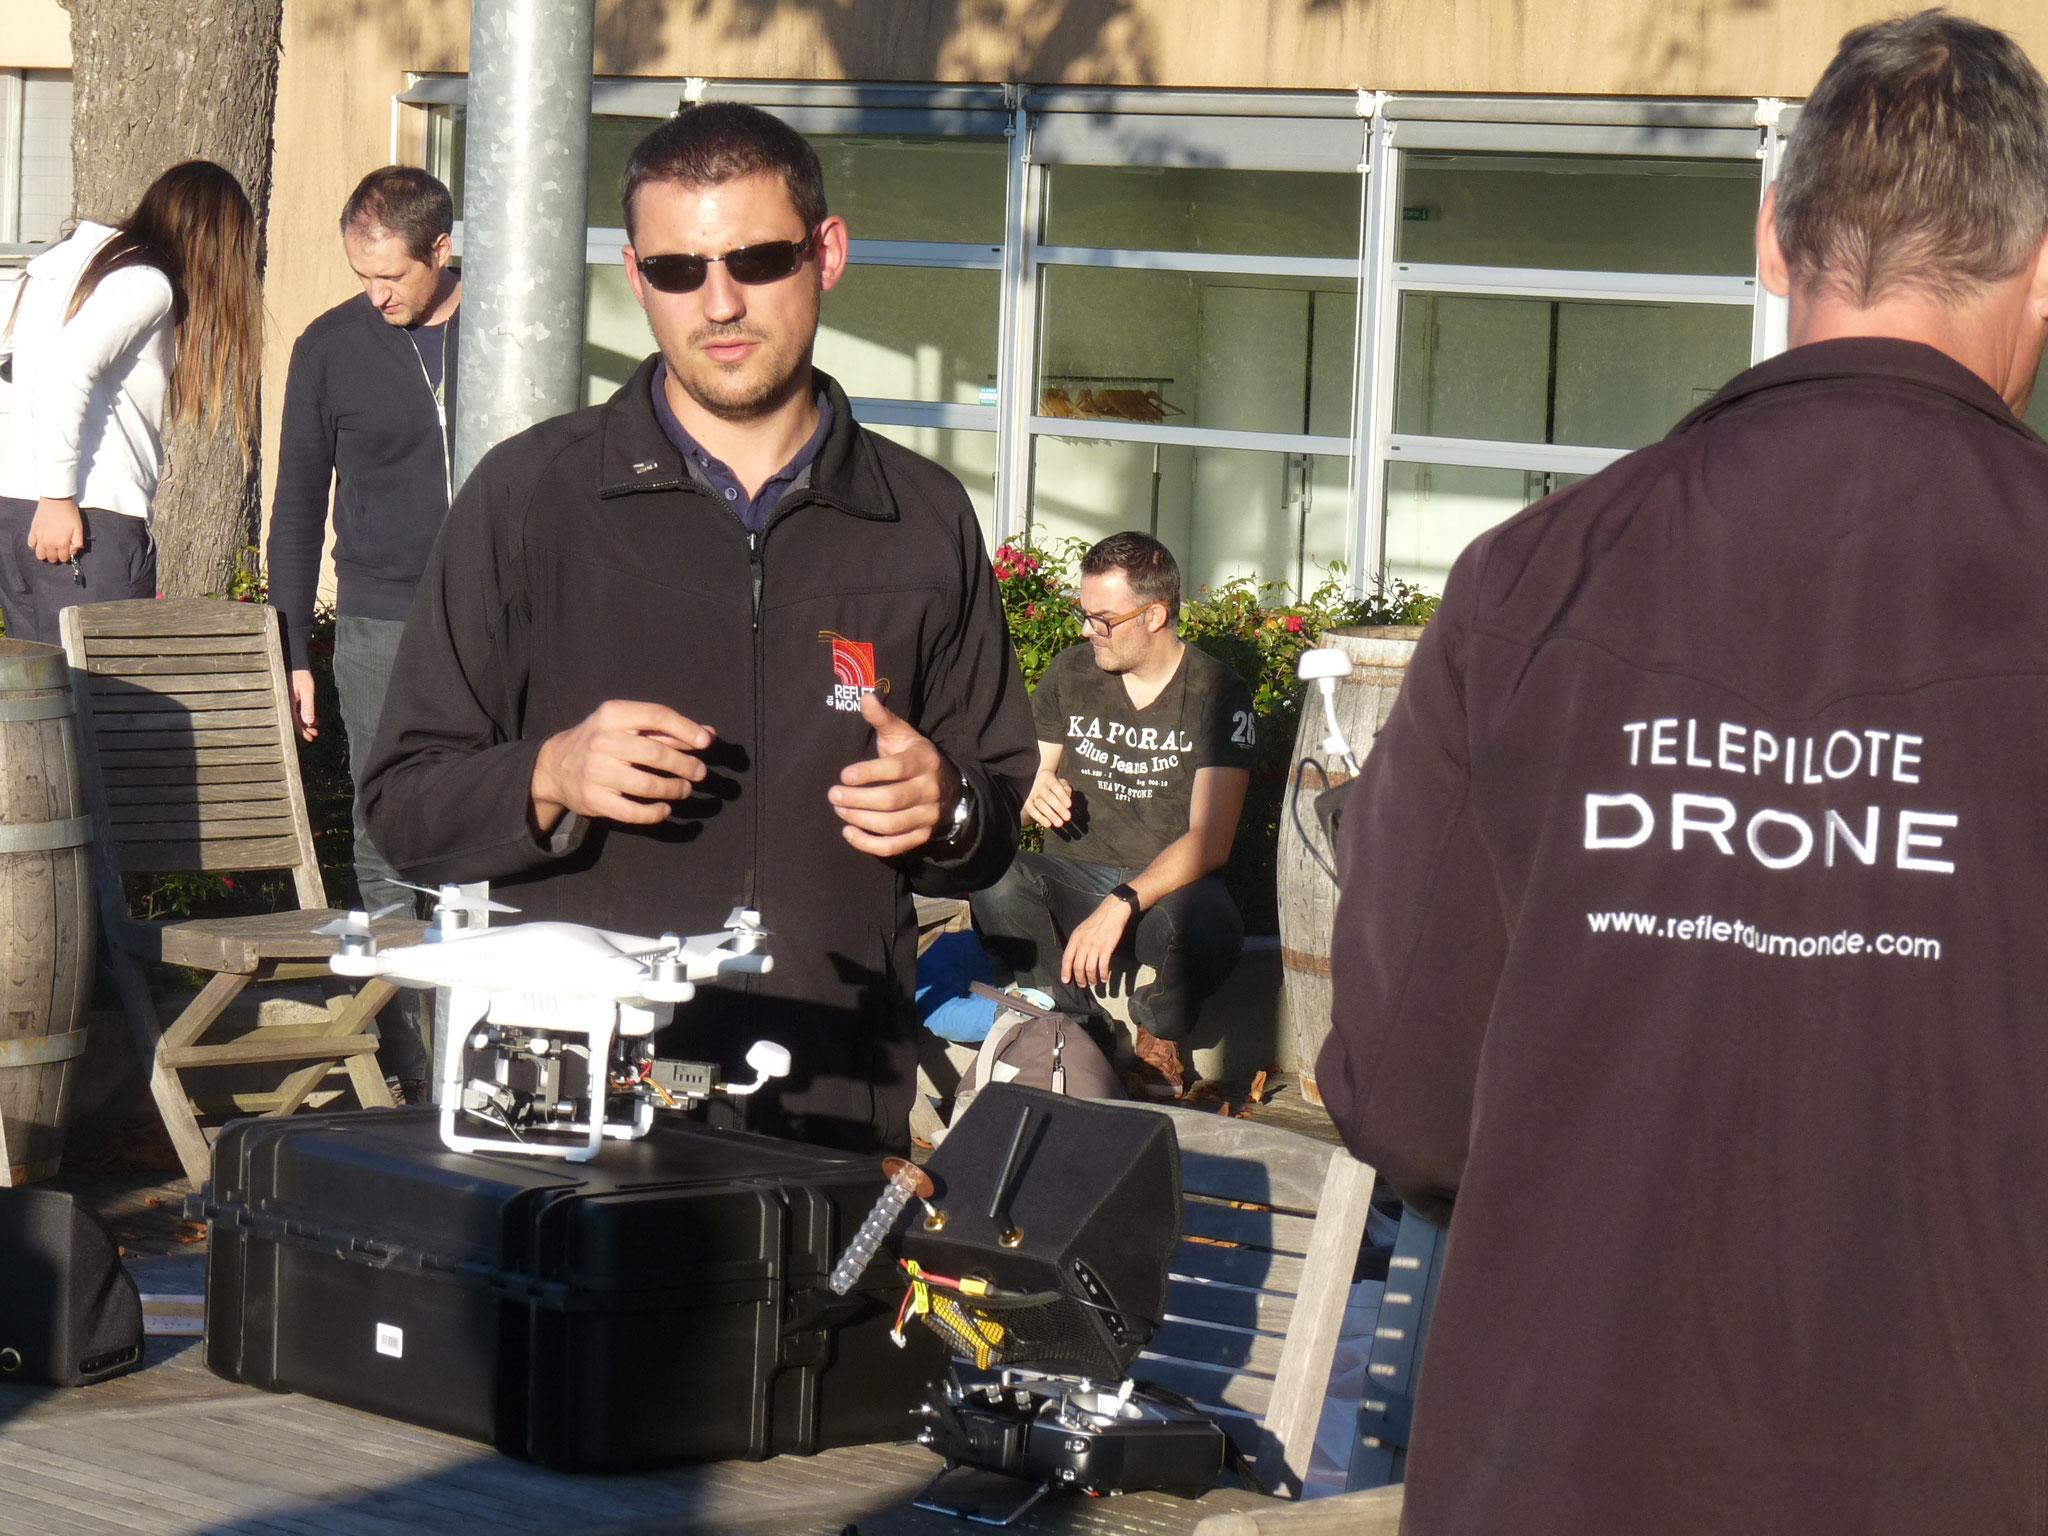 Les professionnels de télépilote Drone donnent des conseils ( P. Guillot)